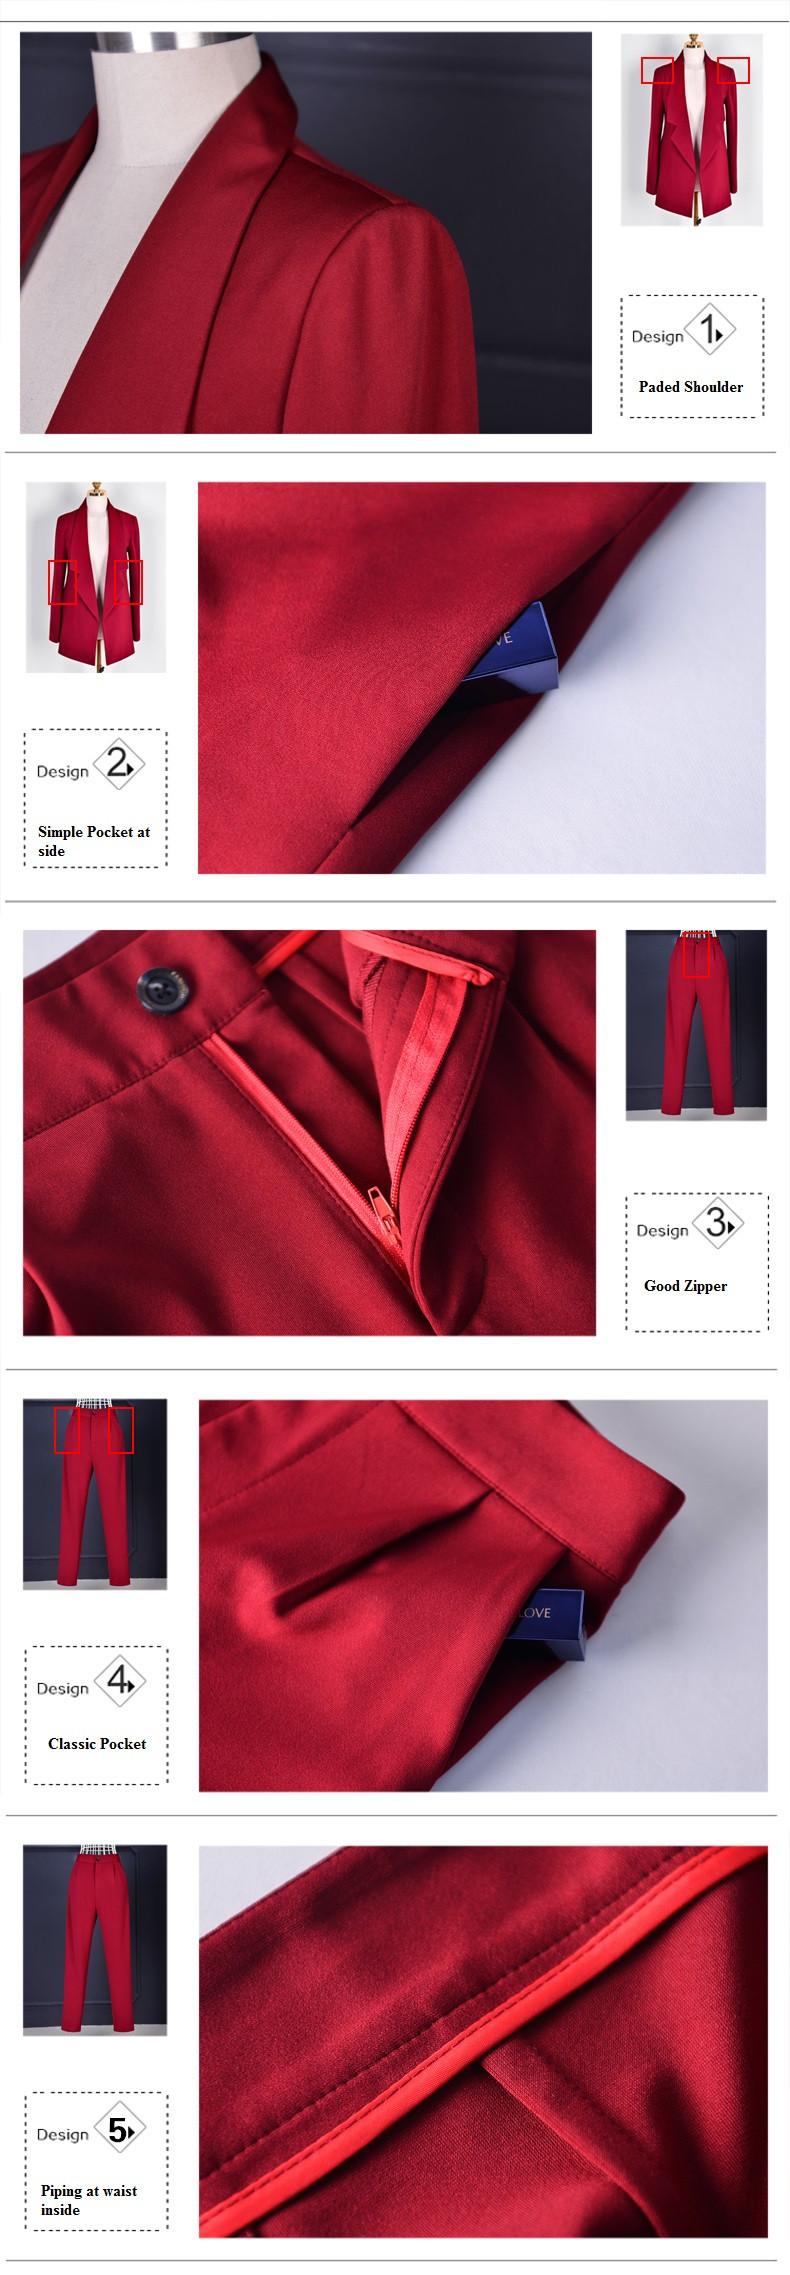 Pant Suits Women Casual Office Business Suits Formal Work Wear Sets Uniform Styles Elegant Pant Suits